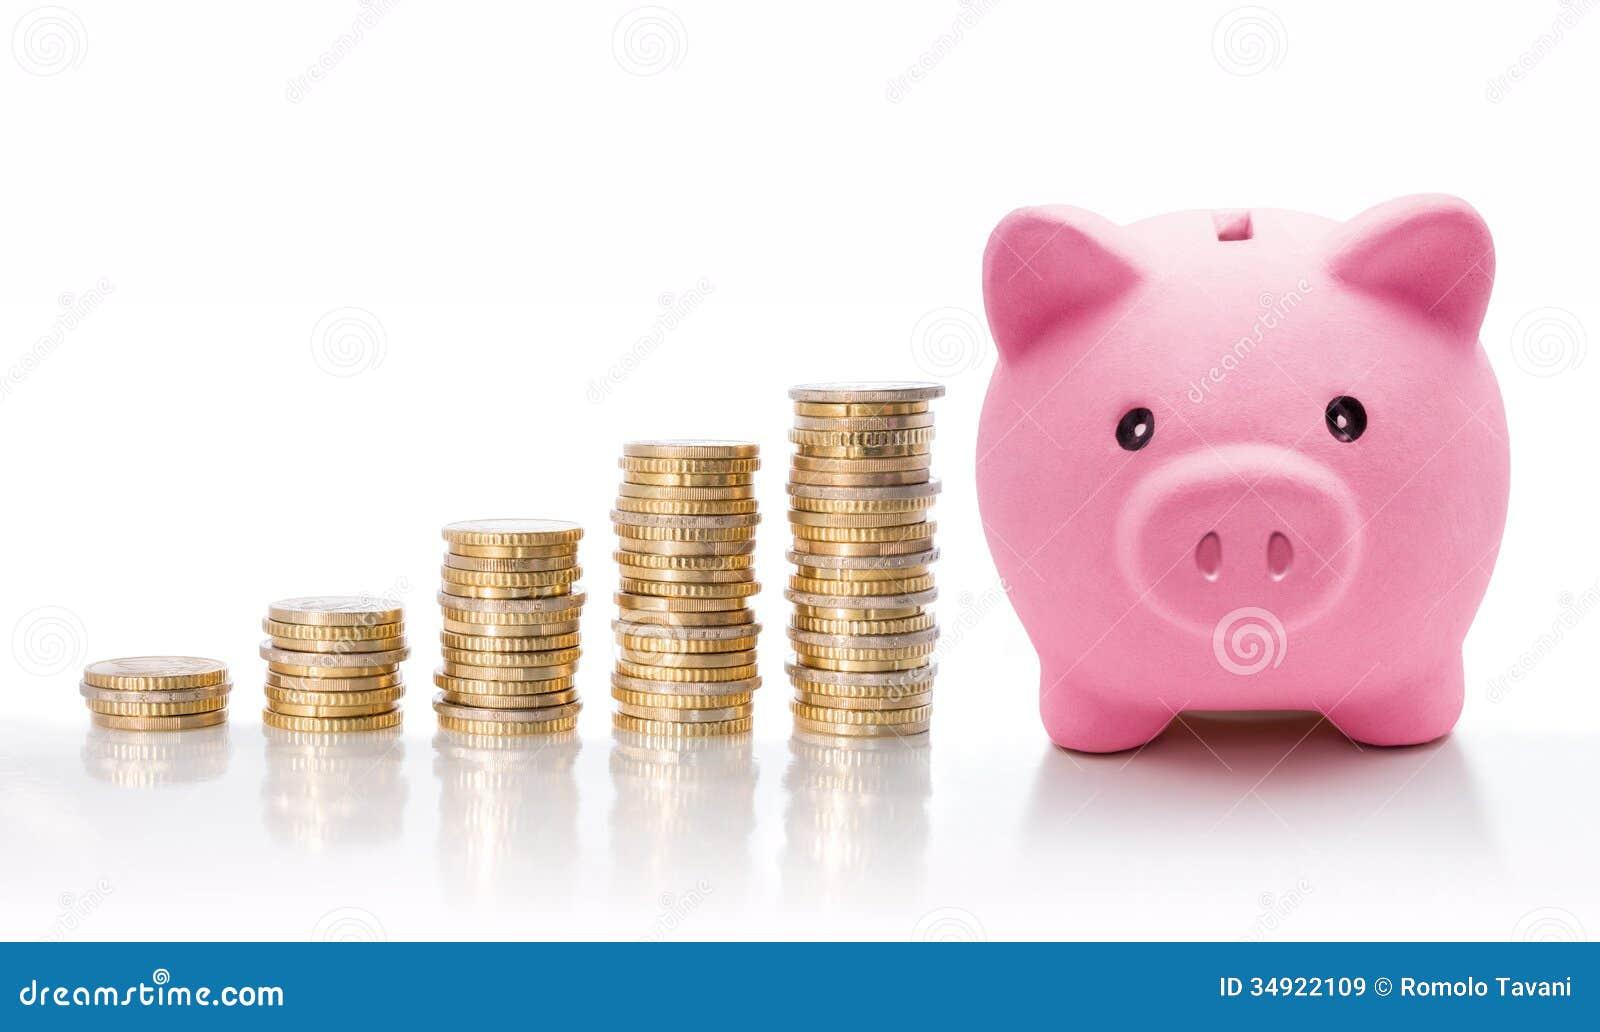 Piggy bank with euro coin stacks - concept of increase